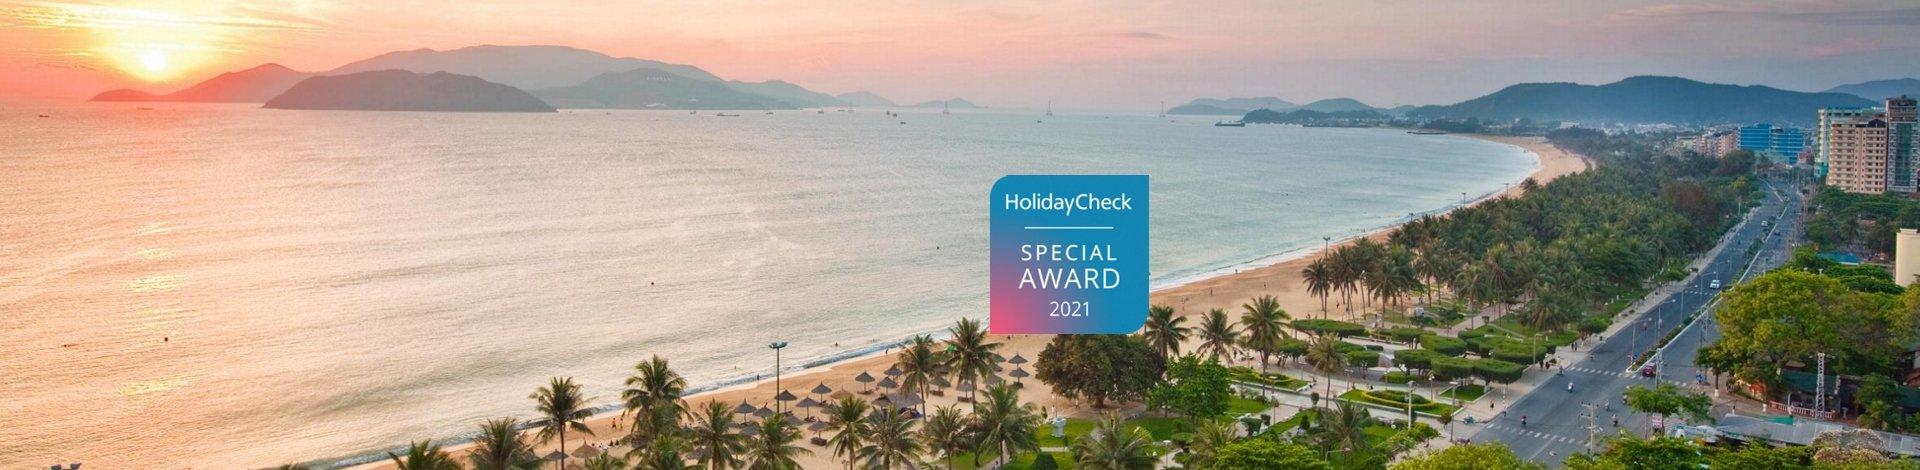 Najobľúbenejšie hotely sveta - holidaycheck award 2021